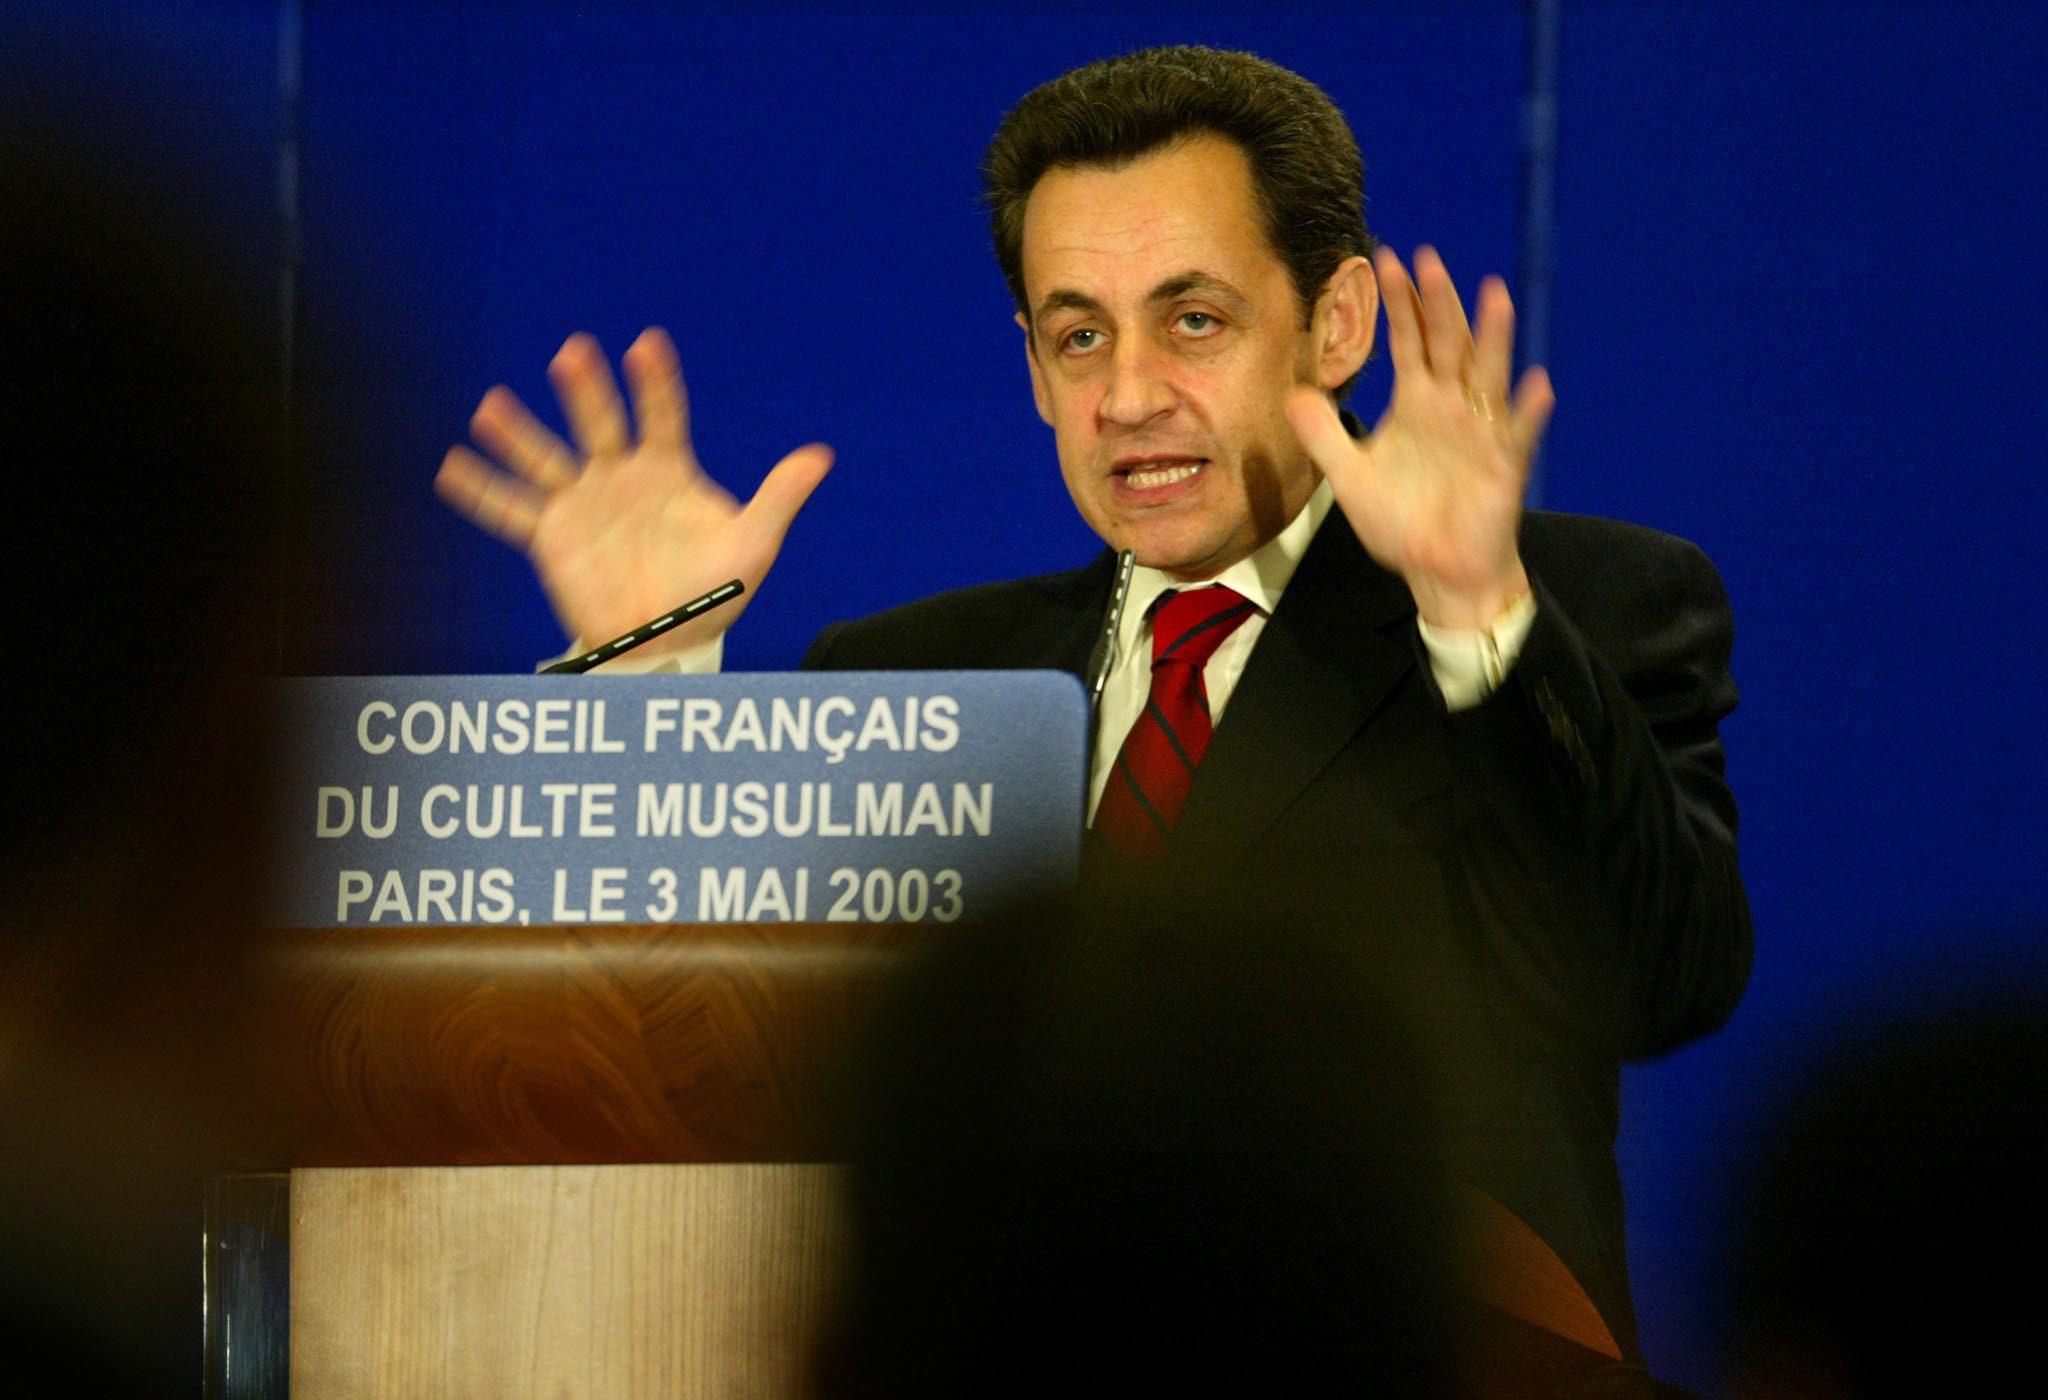 Бывший президент Франции Николя Саркози. Фото: EPA